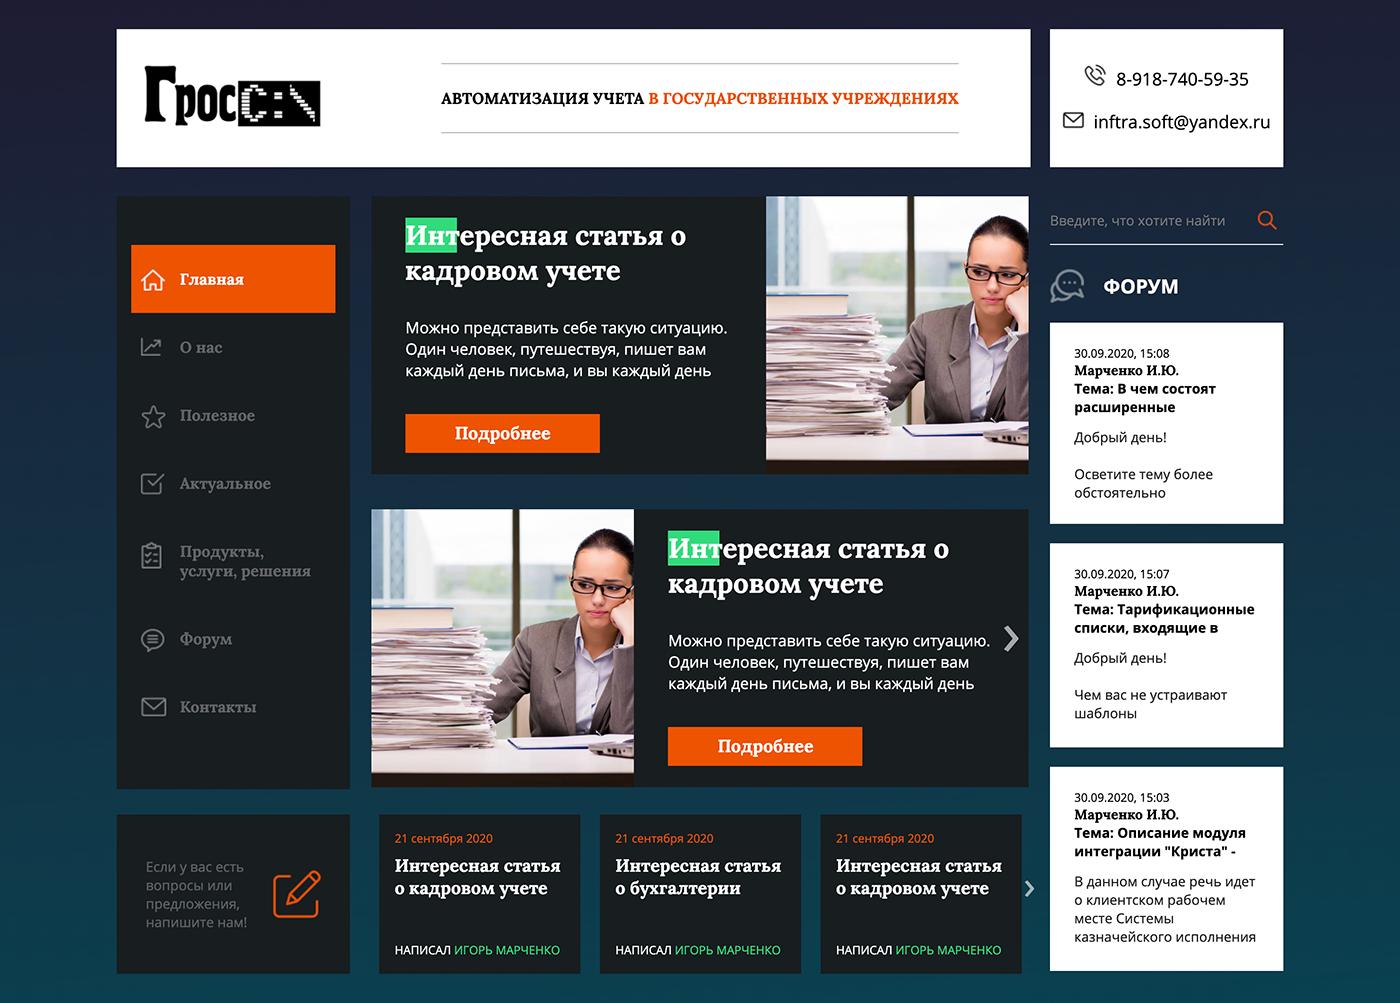 Создание сайта для фирмы Гросс